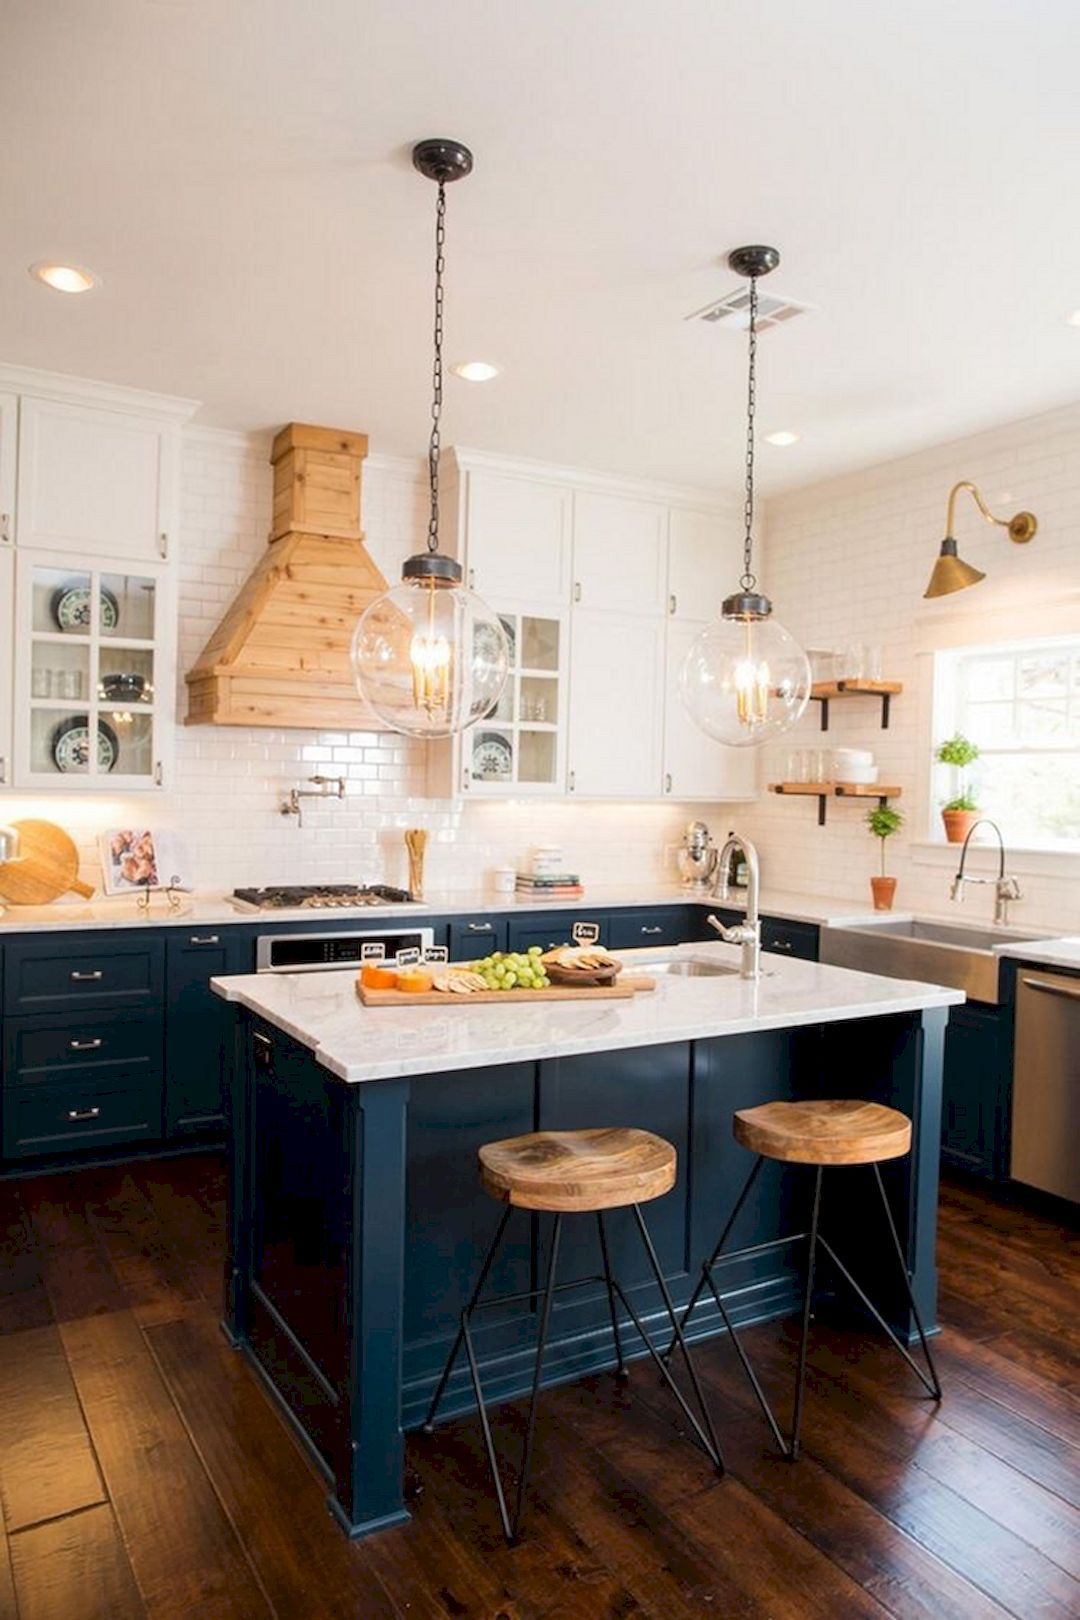 13 Remarkable Kitchen Design Ideas Kitchen Inspiration Design Interior Design Kitchen Kitchen Interior